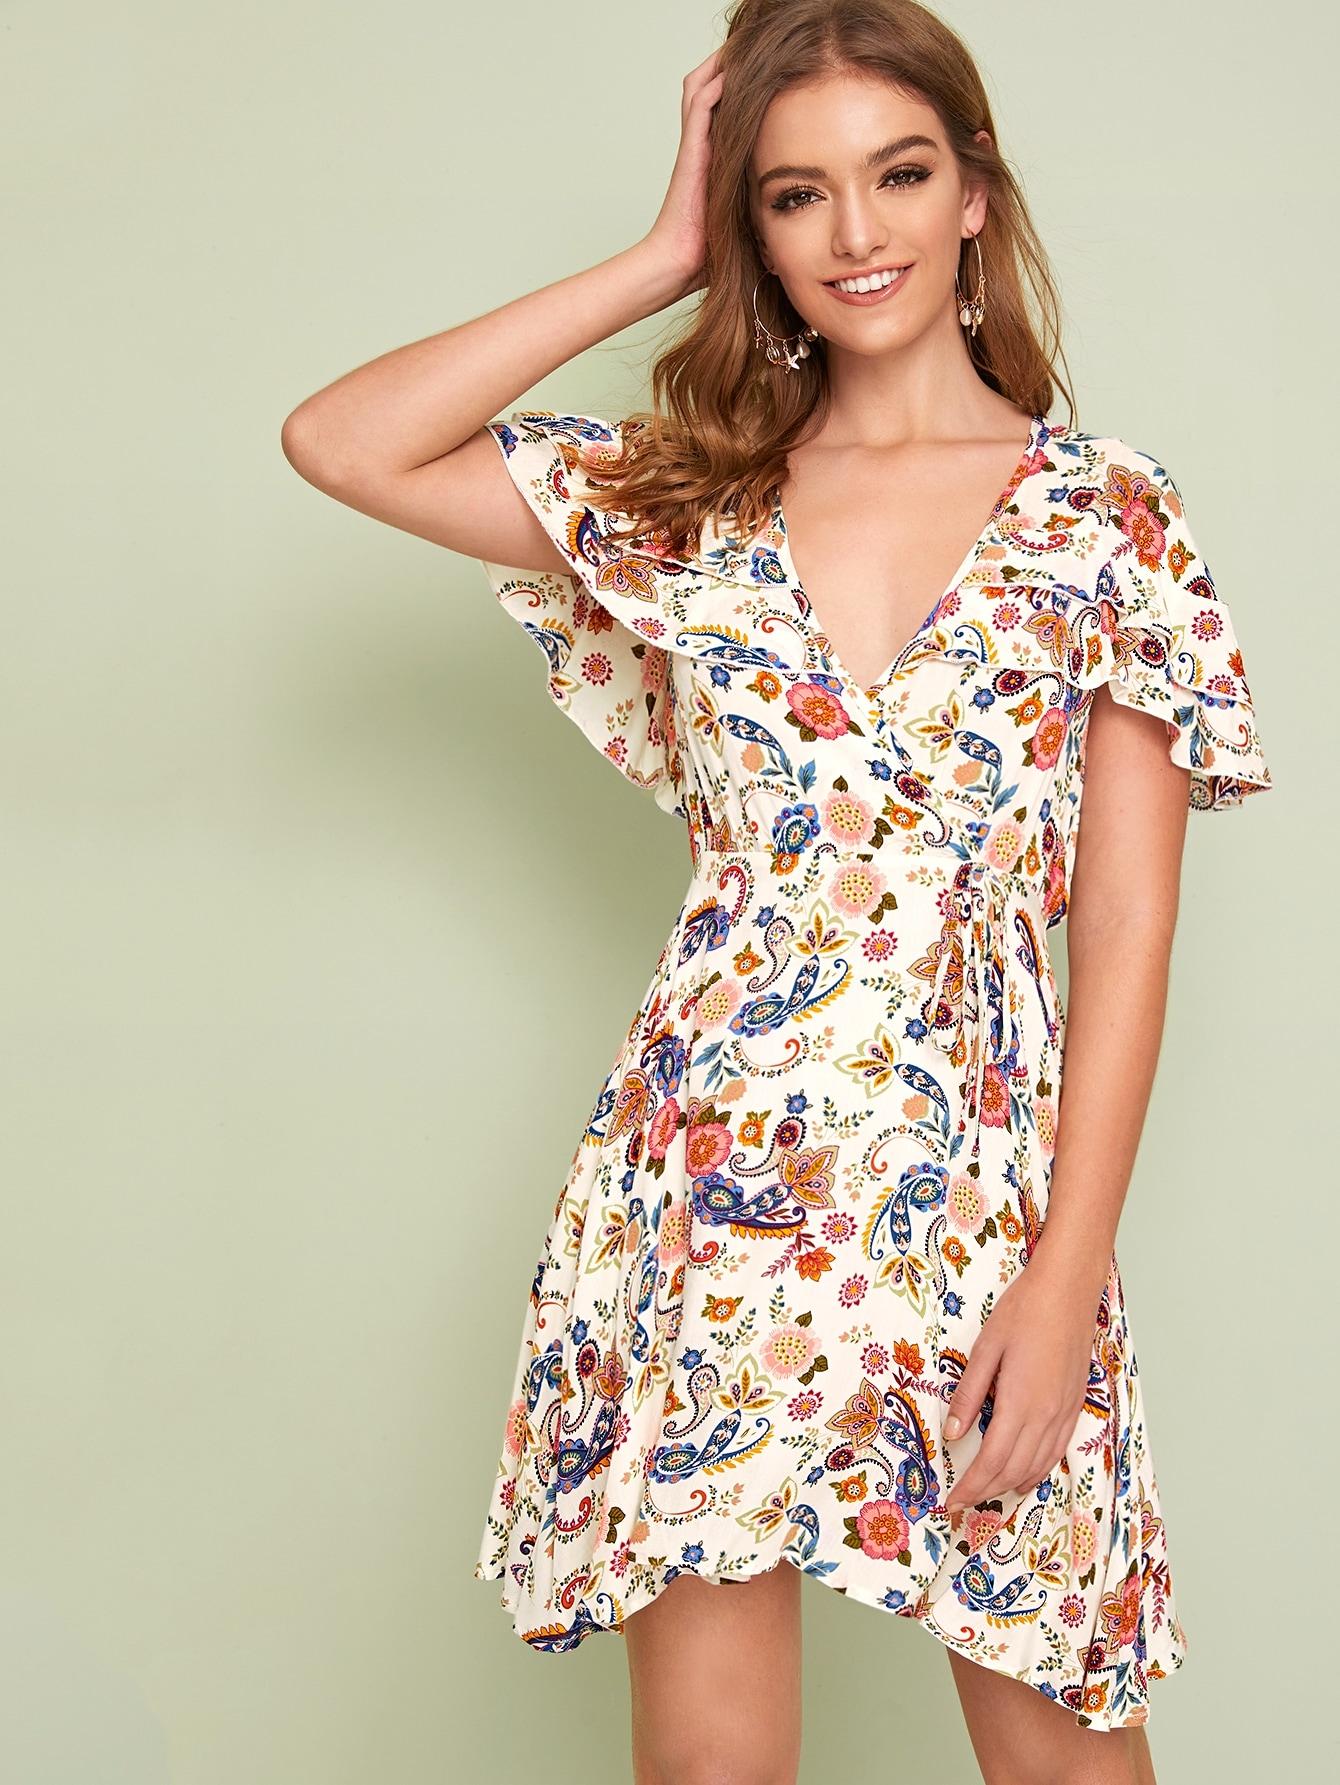 Фото - Платье на запах с завязкой на шее, оборкой и графическим принтом от SheIn цвет многоцветный